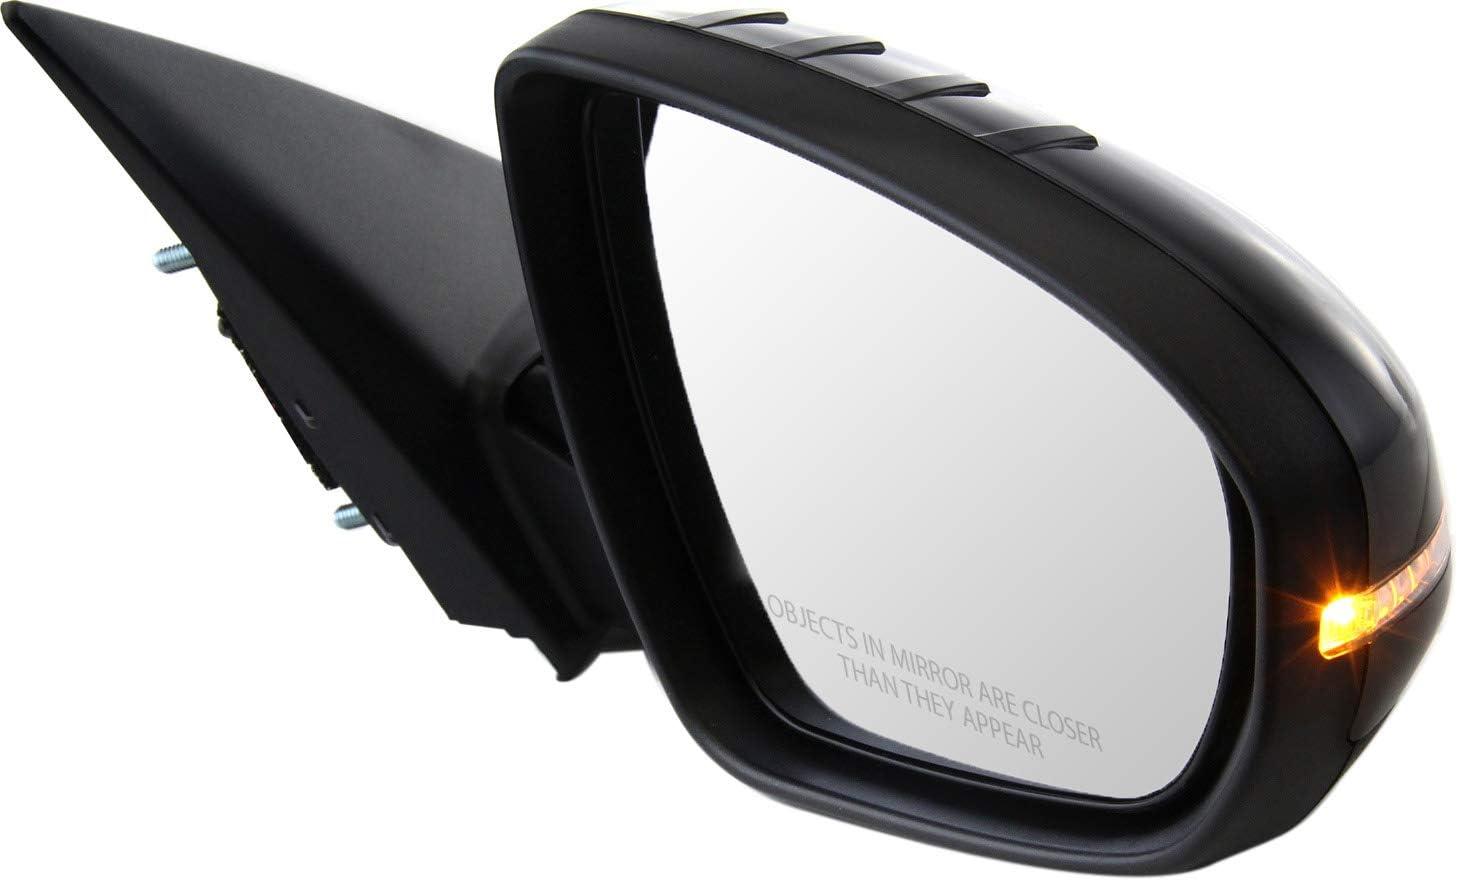 New Mirror Passenger Side for Kia Optima KI1321163 2012 to 2013